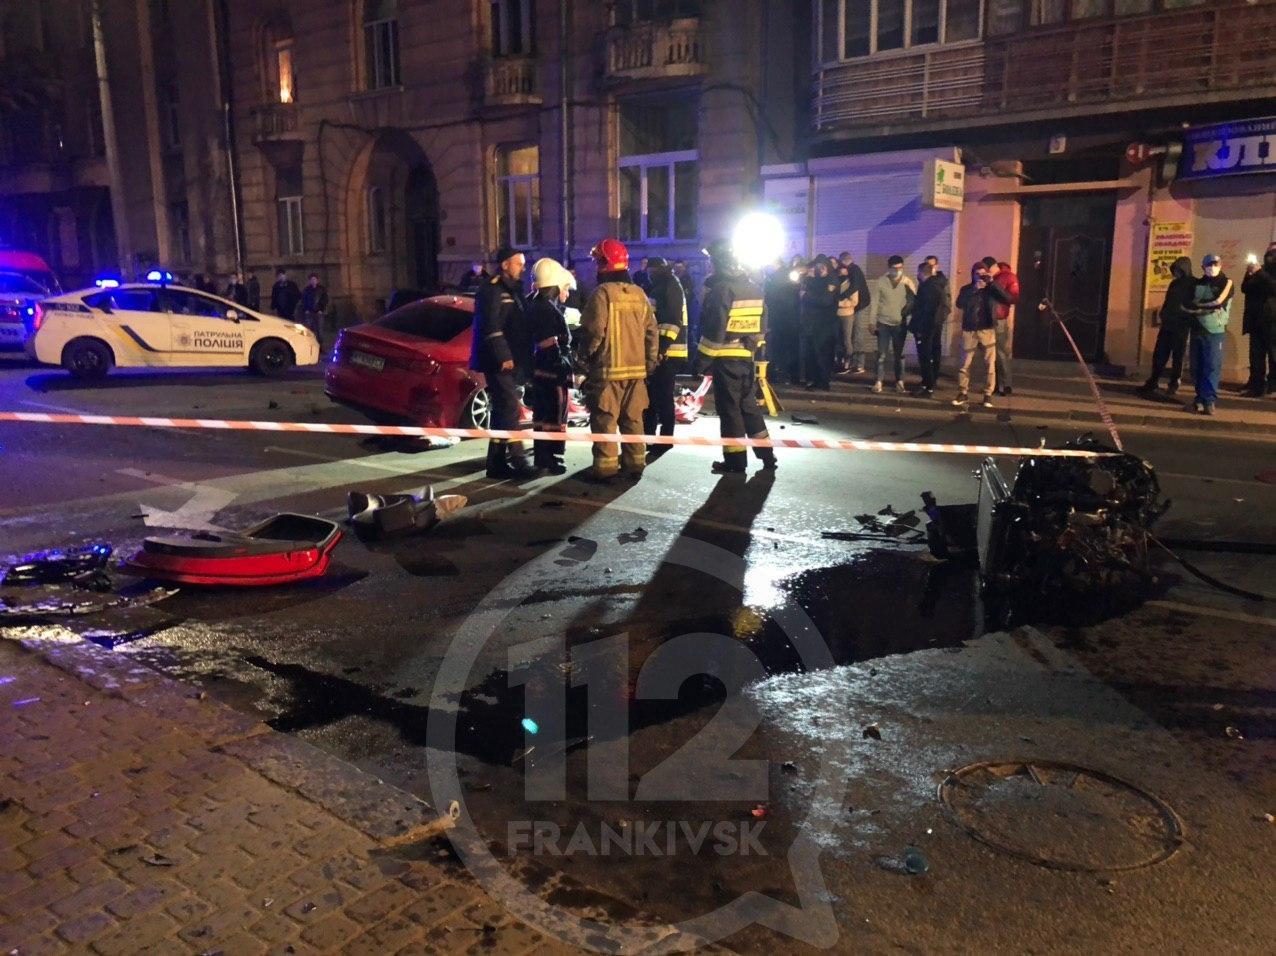 Моторошна автотроща: на Гаркуші водій не впорався з керуванням і врізався у будинок (ФОТО, ВІДЕО) (ДОПОВНЕНО)